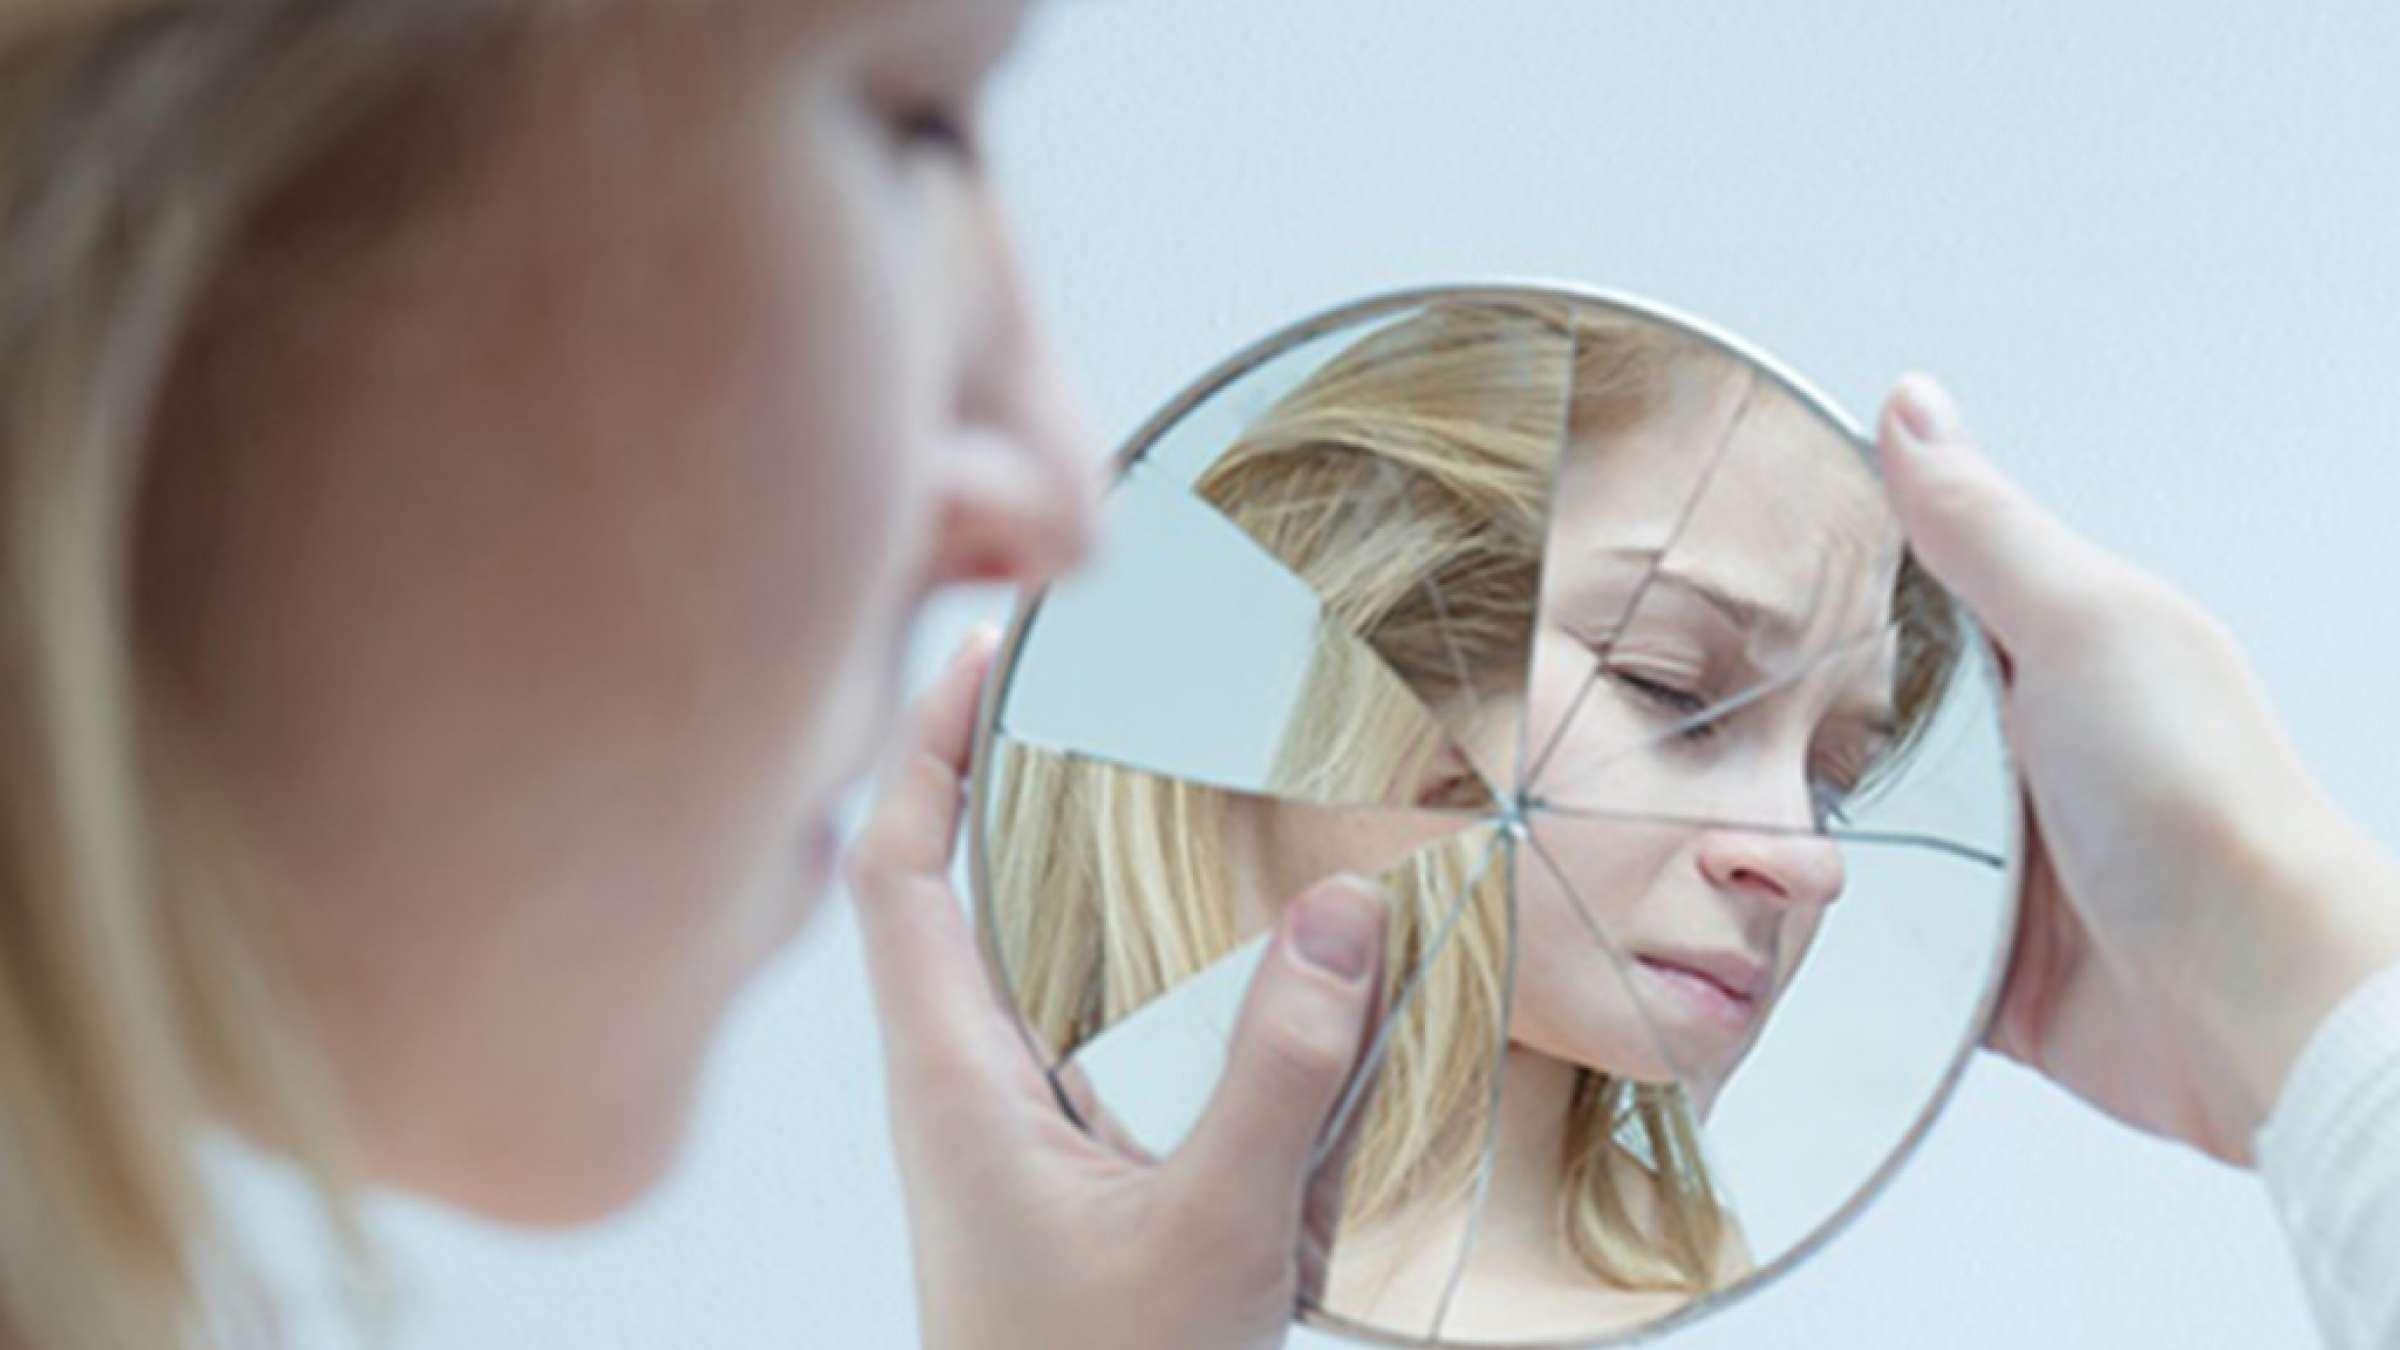 روانشناسی-داعی-چگونه-خودباوری-ضعیف-را-از-نو-بسازیم